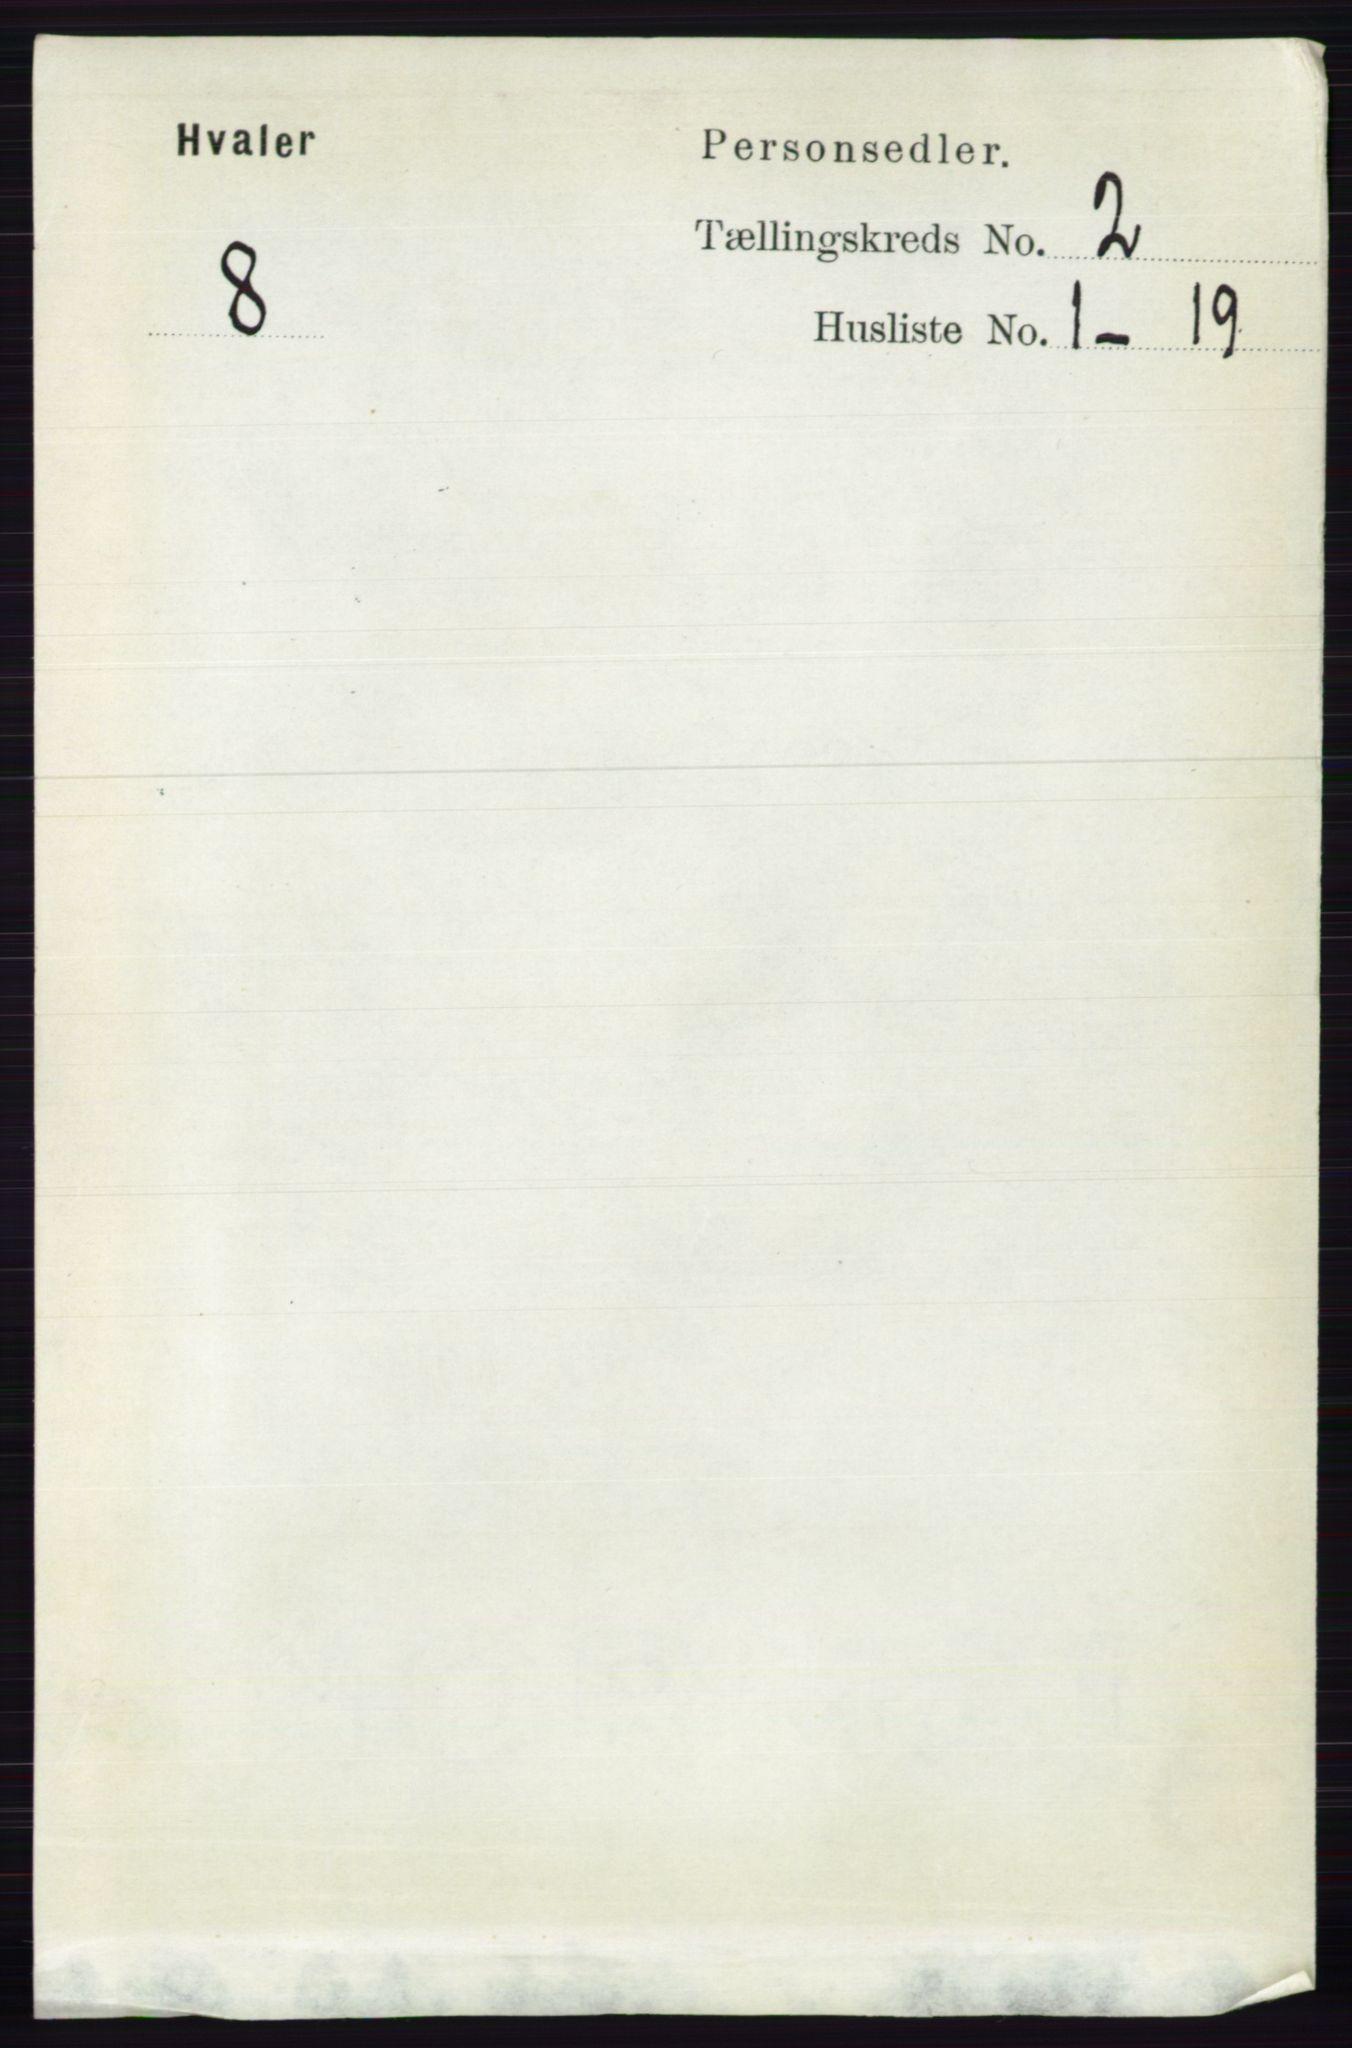 RA, Folketelling 1891 for 0111 Hvaler herred, 1891, s. 1004